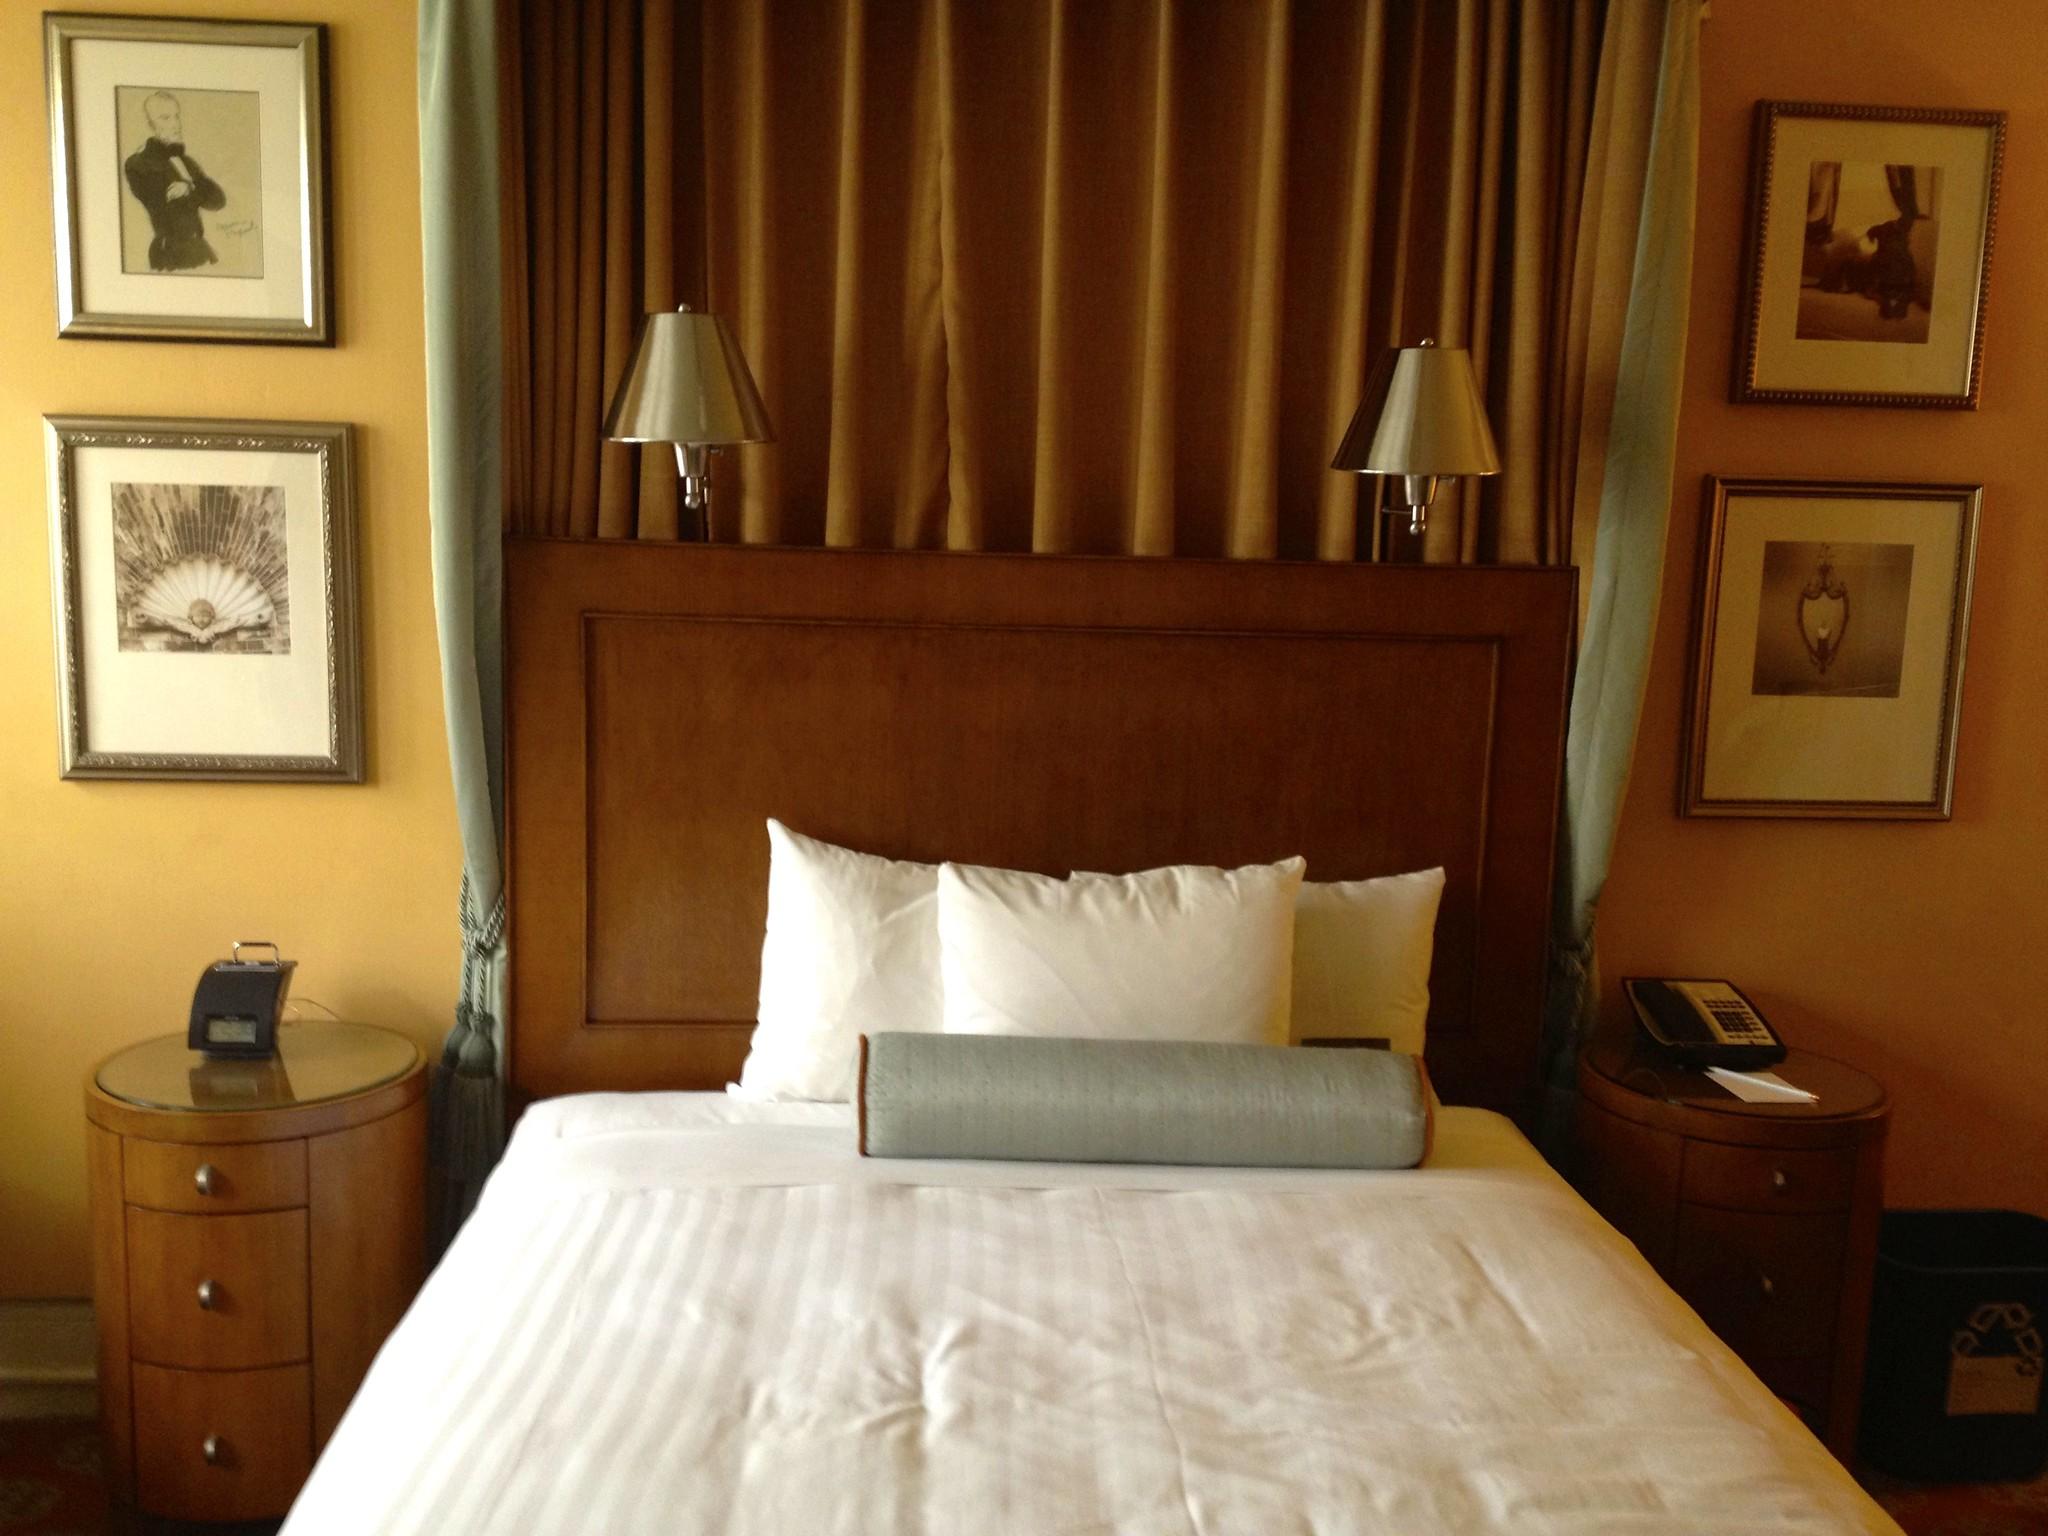 villa florence hotel san francisco interior of room 411. Black Bedroom Furniture Sets. Home Design Ideas